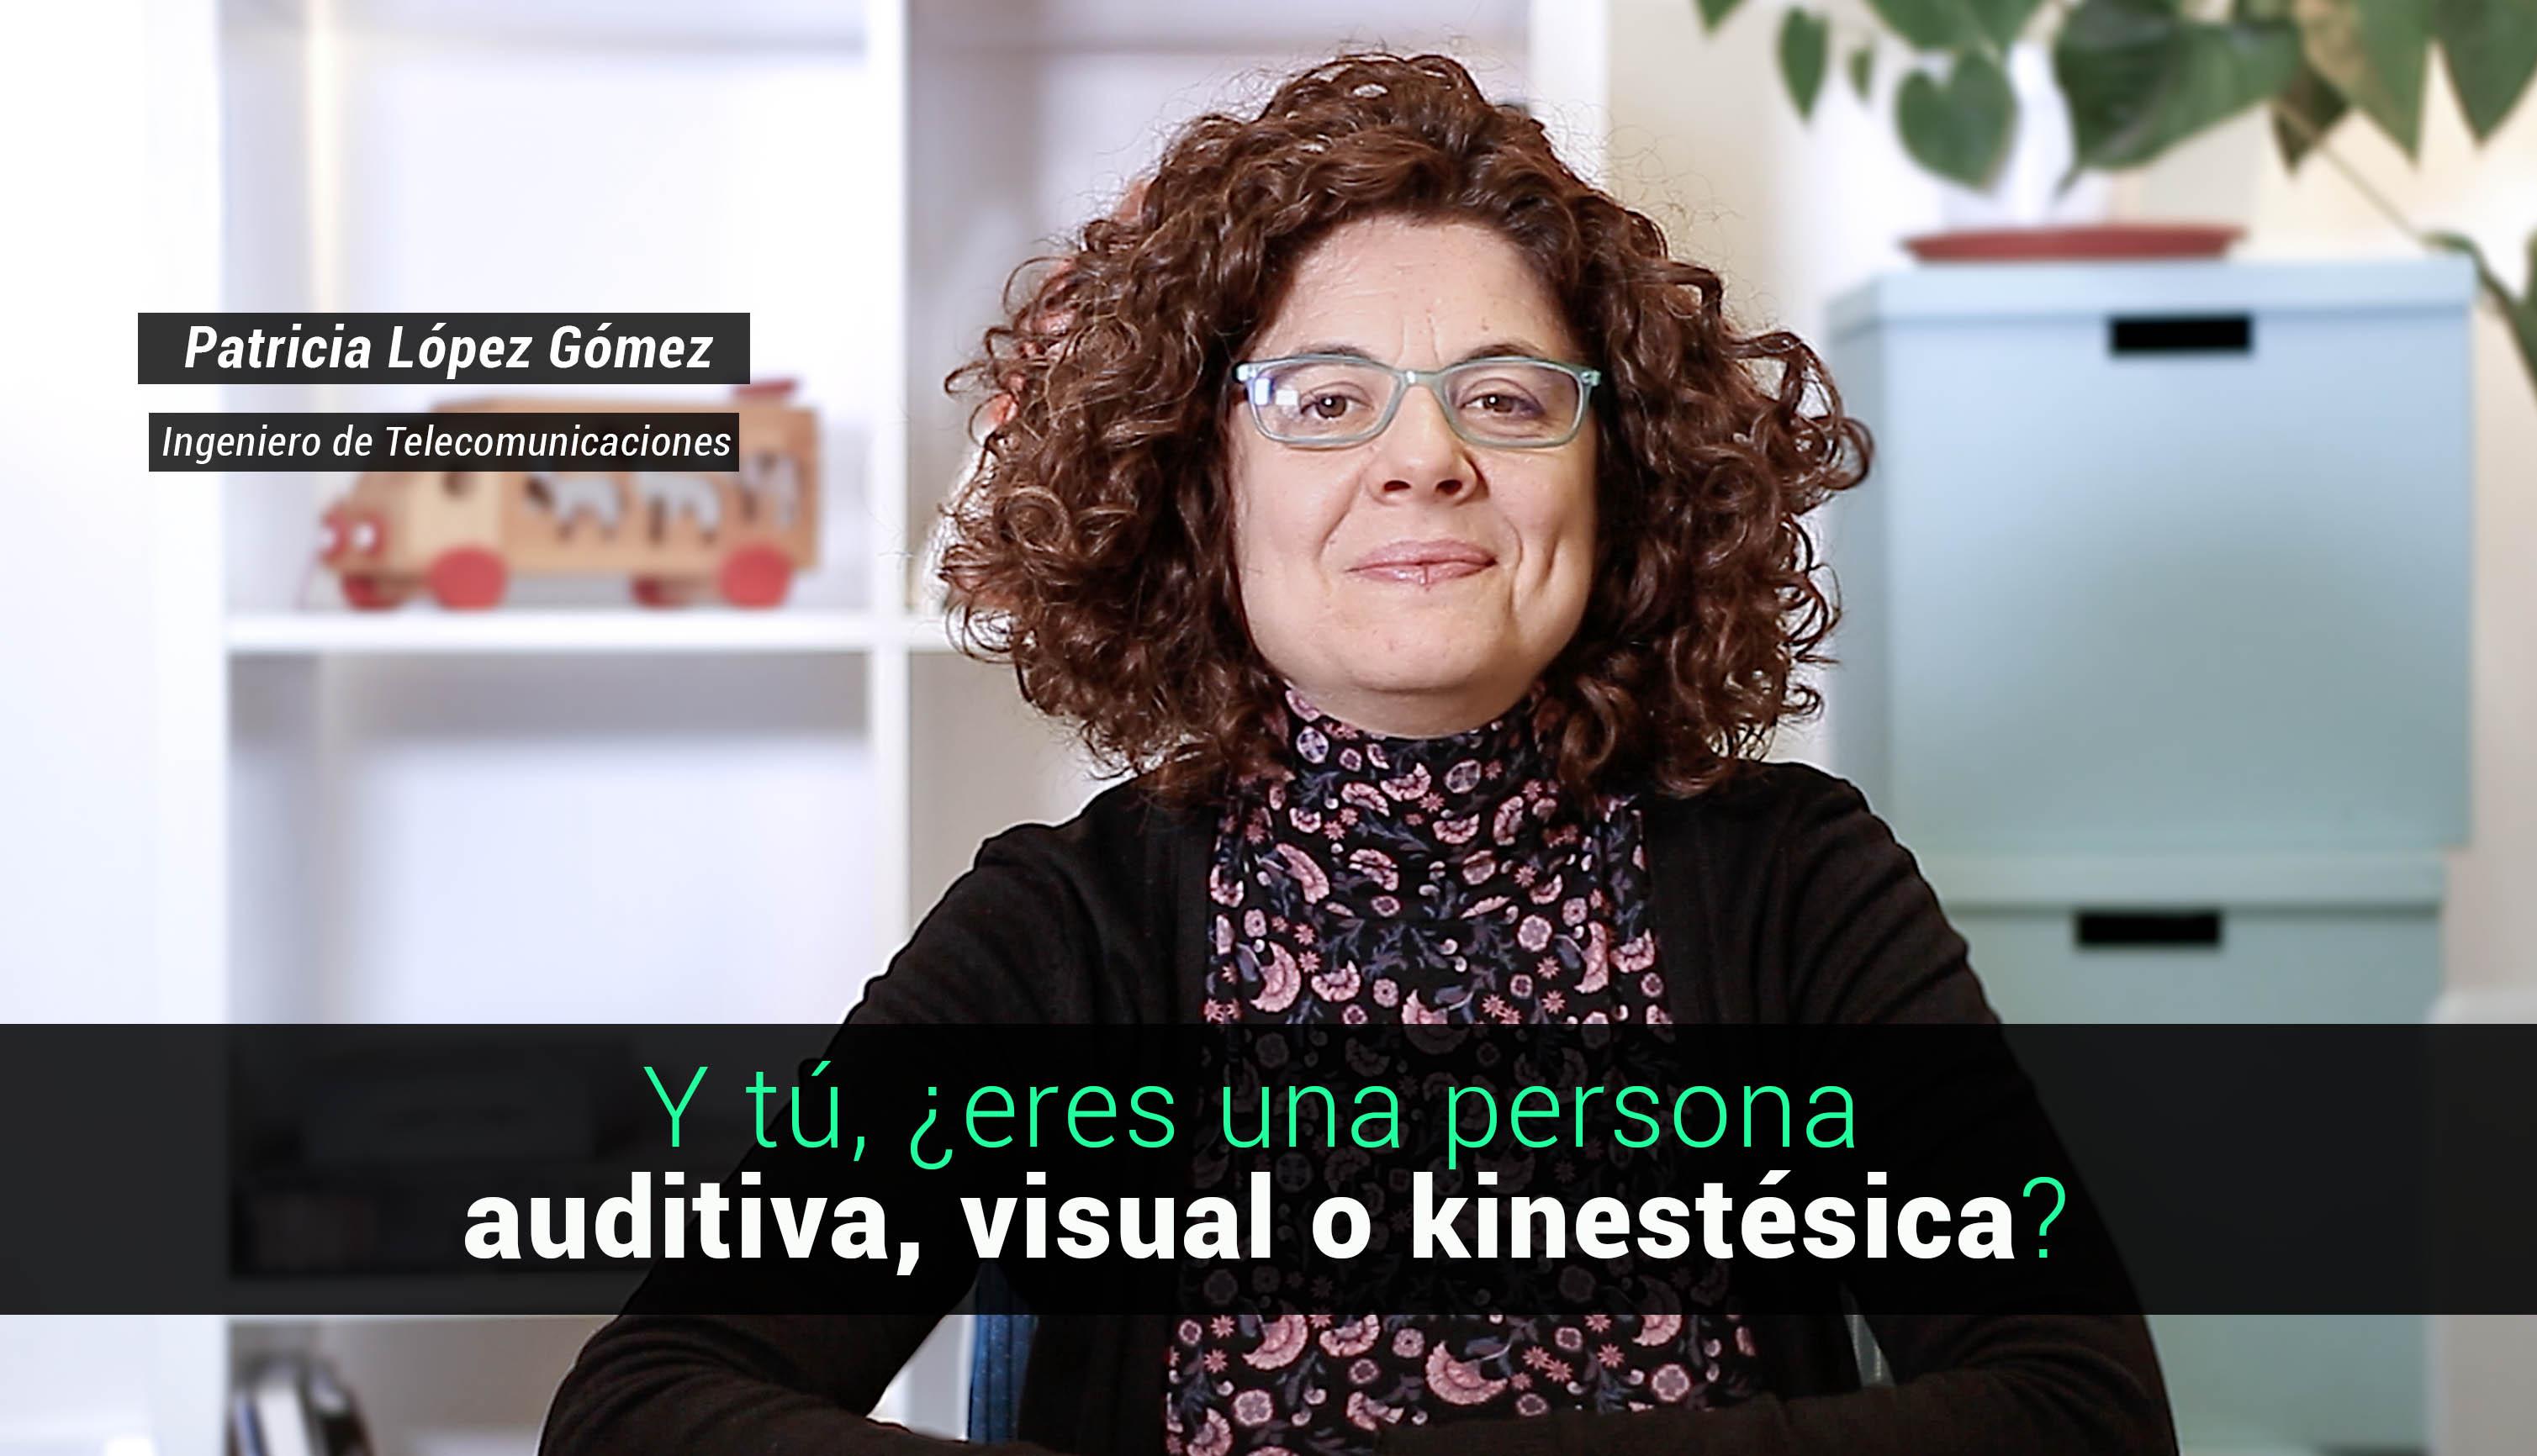 Imagen ¿Y tú, eres una persona visual, auditiva o kinestésica?